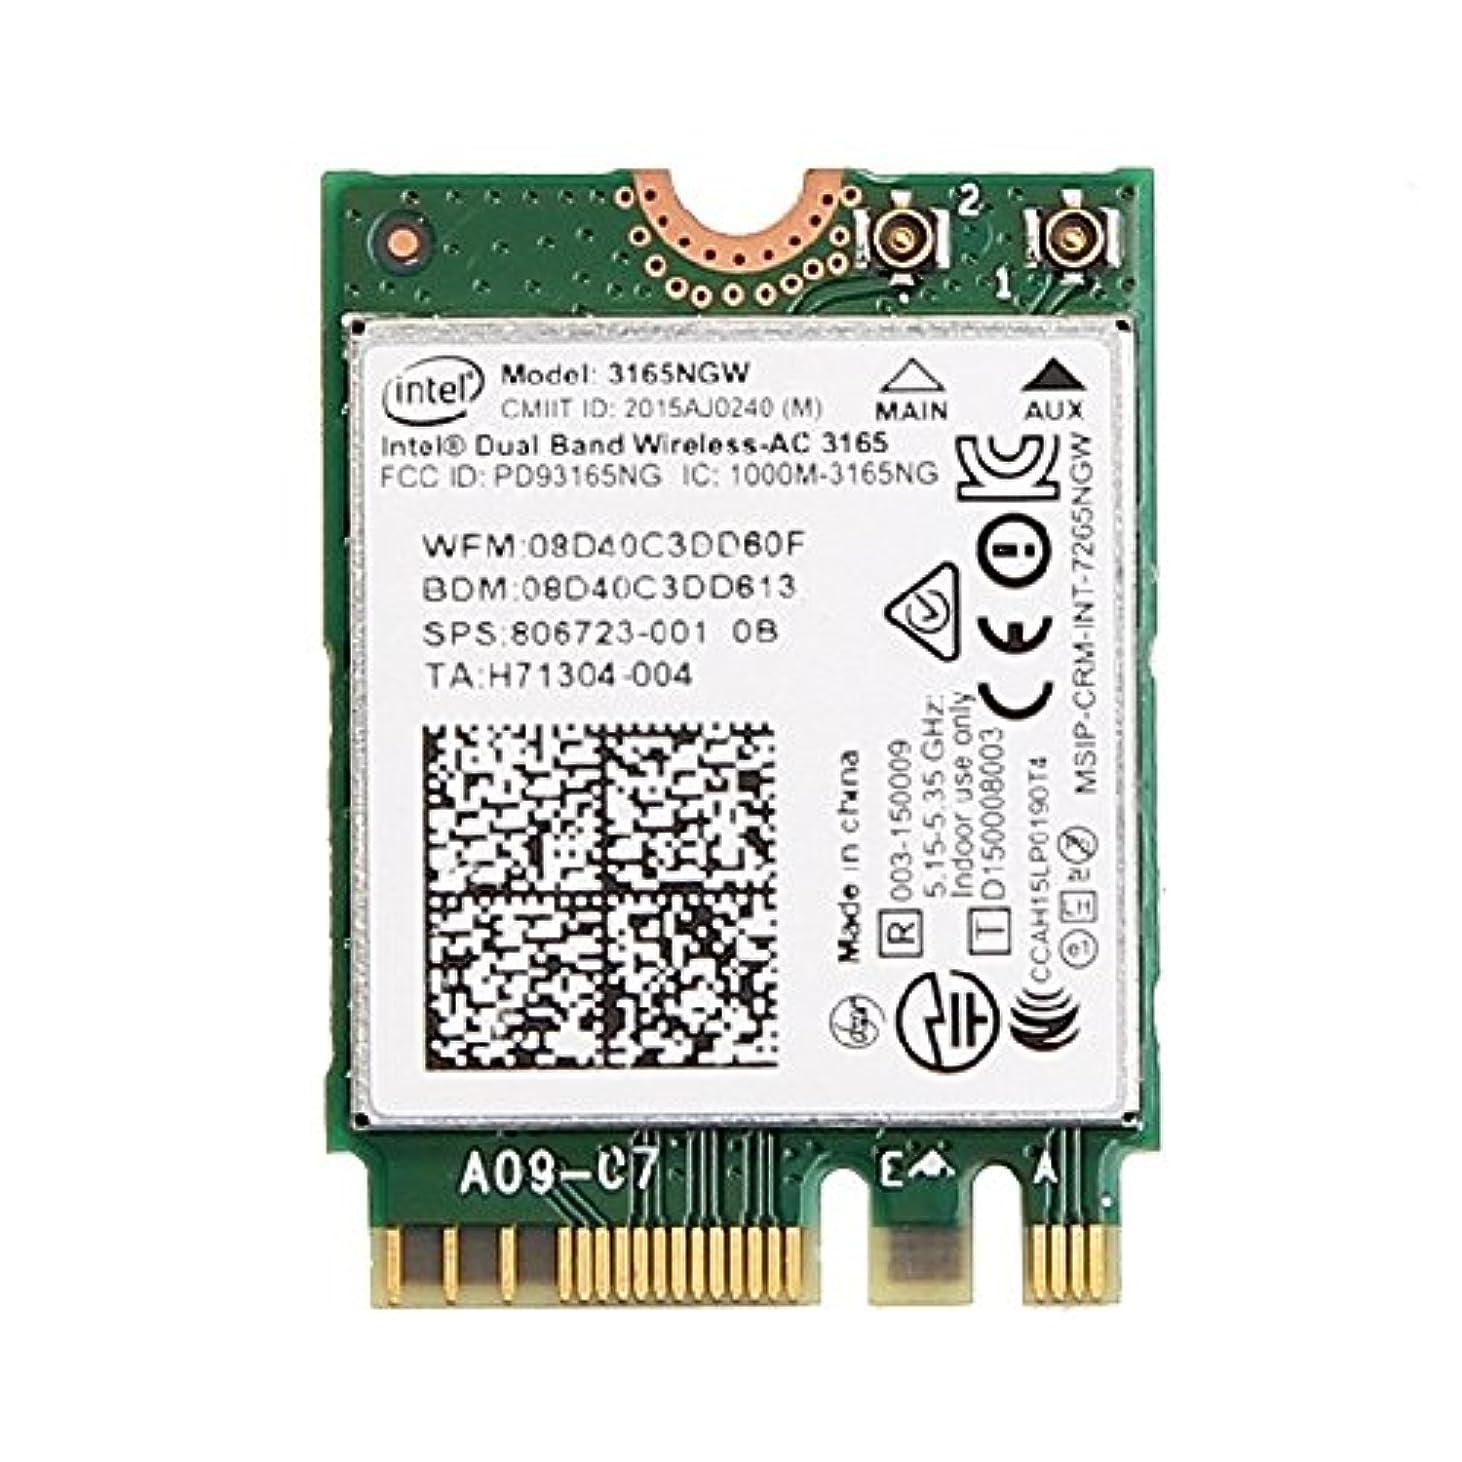 バラ色有限系譜インテル Intel Dual Band Wireless-AC 3165 デュアルバンド 2.4/5GHz 1x1 802.11ac/a/b/g/n 最大433Mbps + Bluetooth 4.2 M.2 無線LANカード 3165NGW